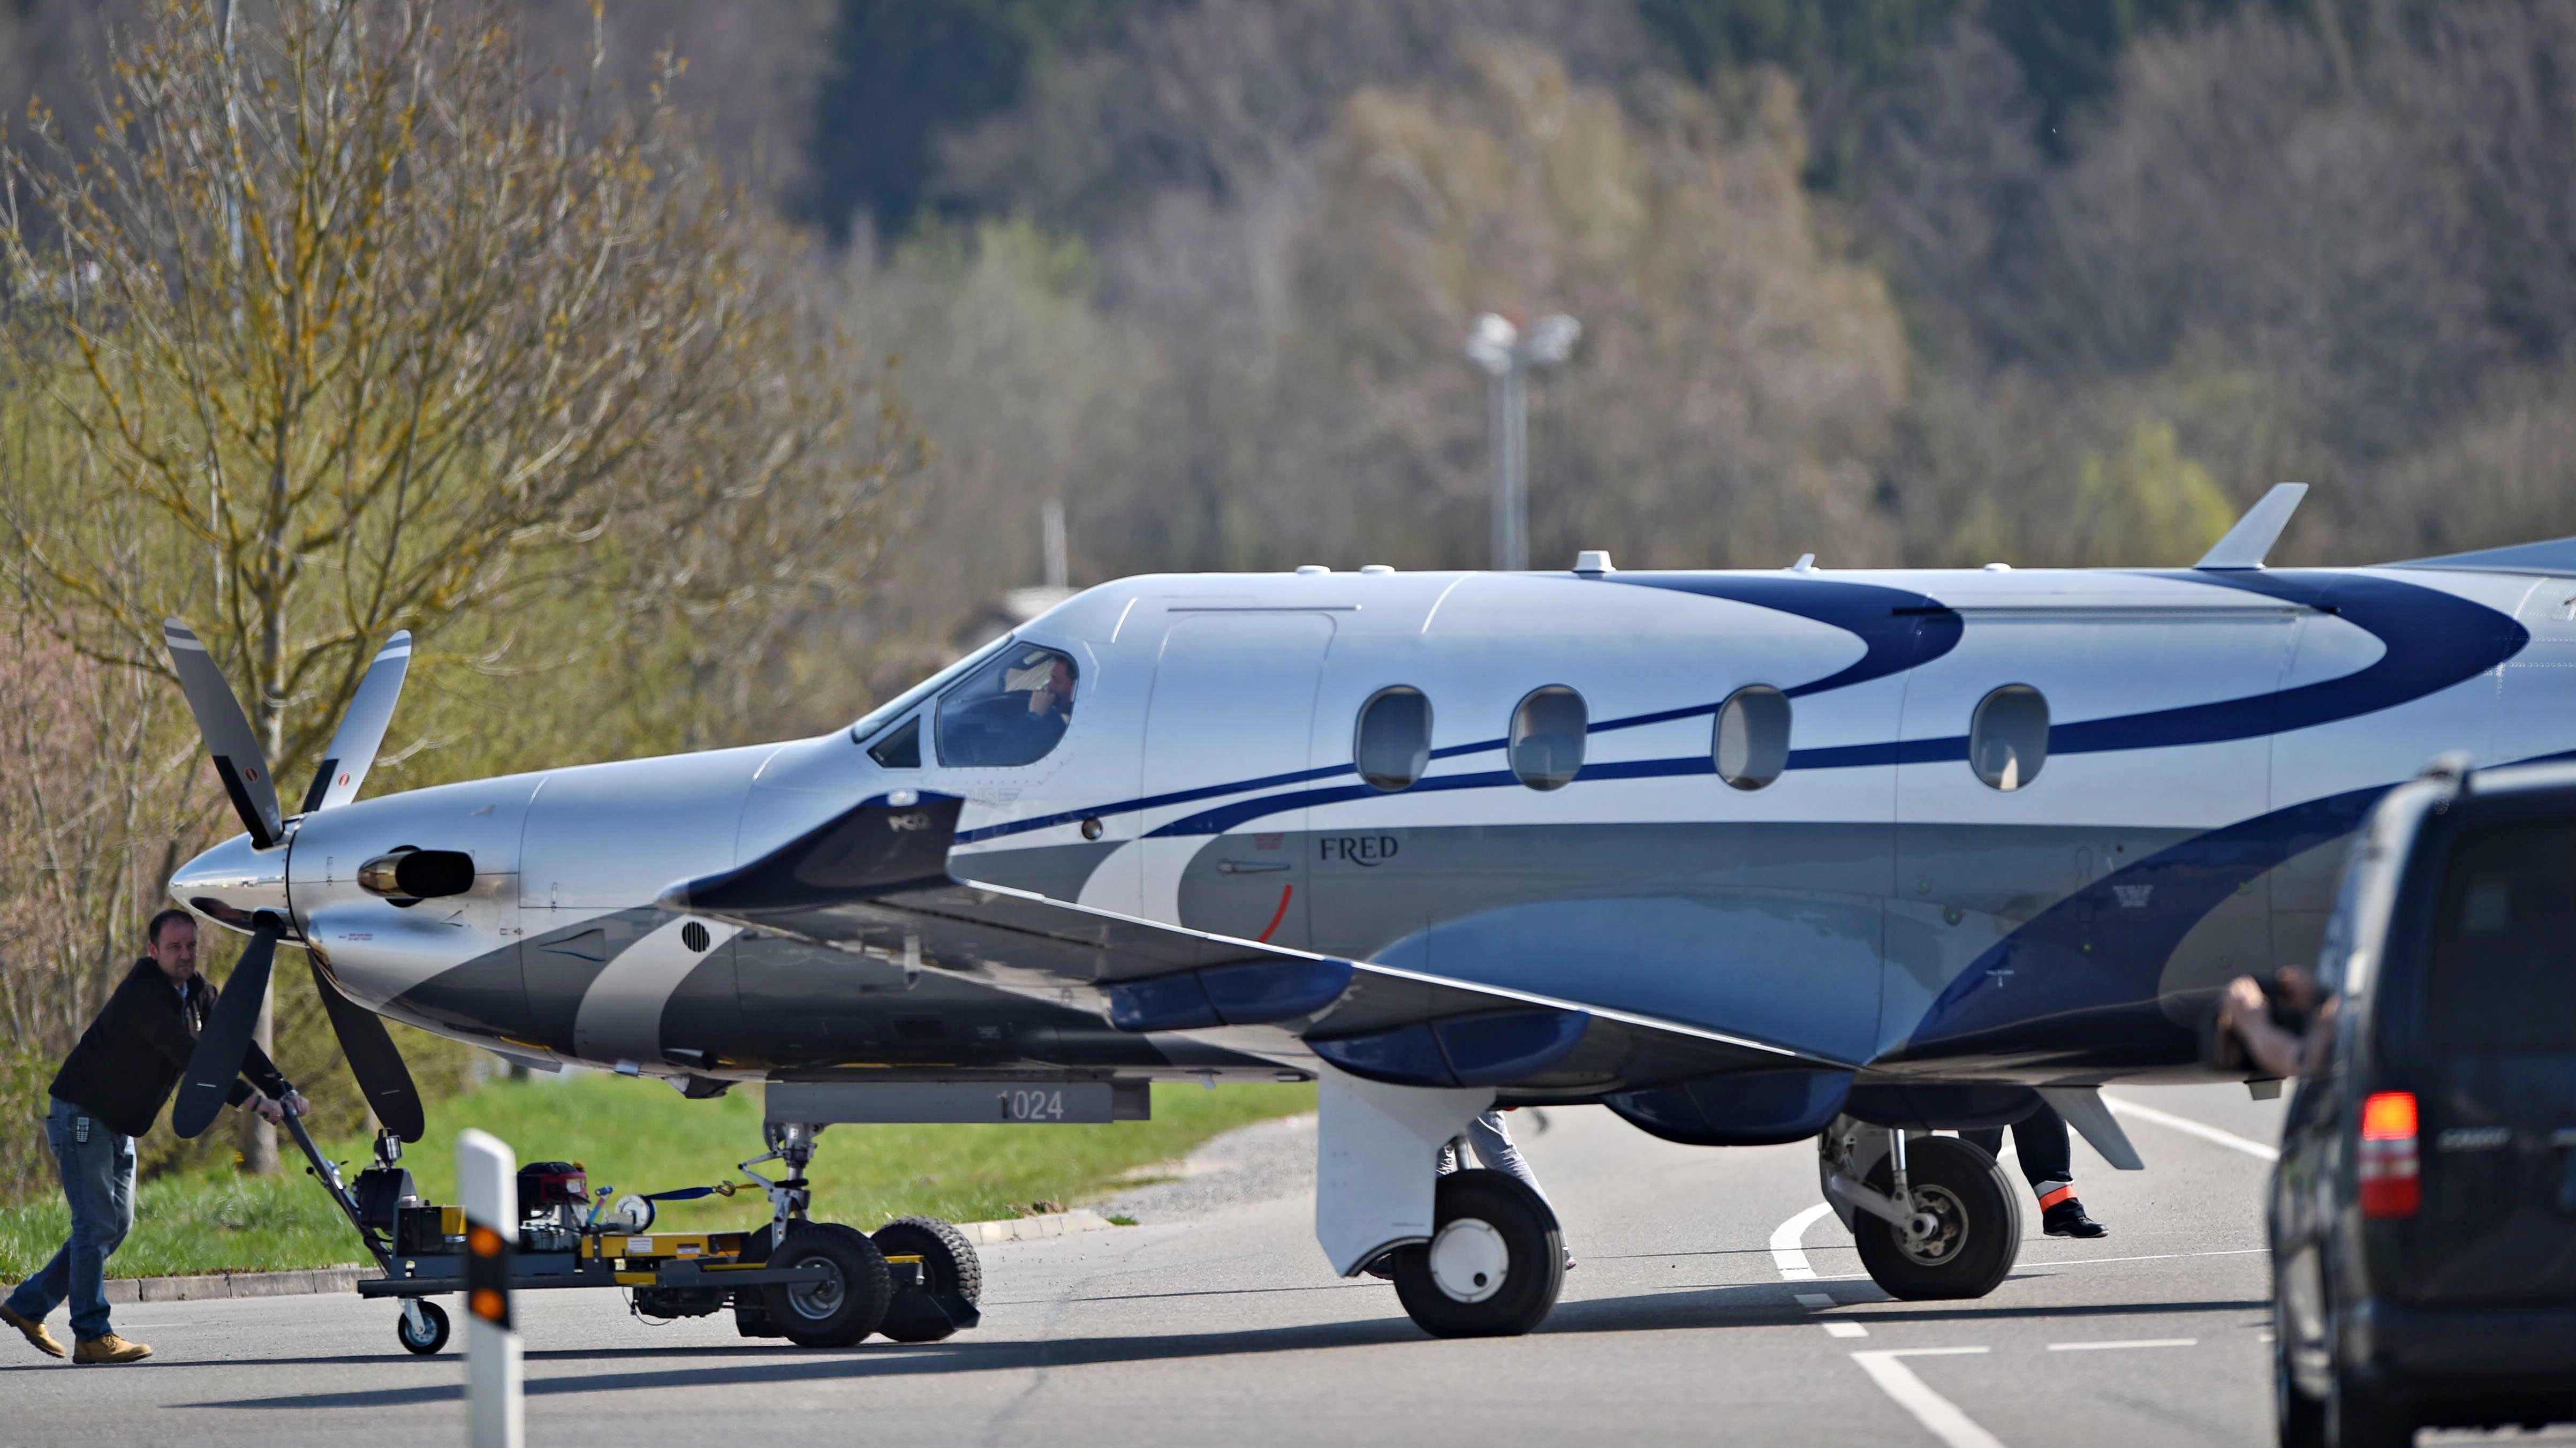 Pilatus PC-12 -mallin lentokone Saksan Friedrichshafenissa.